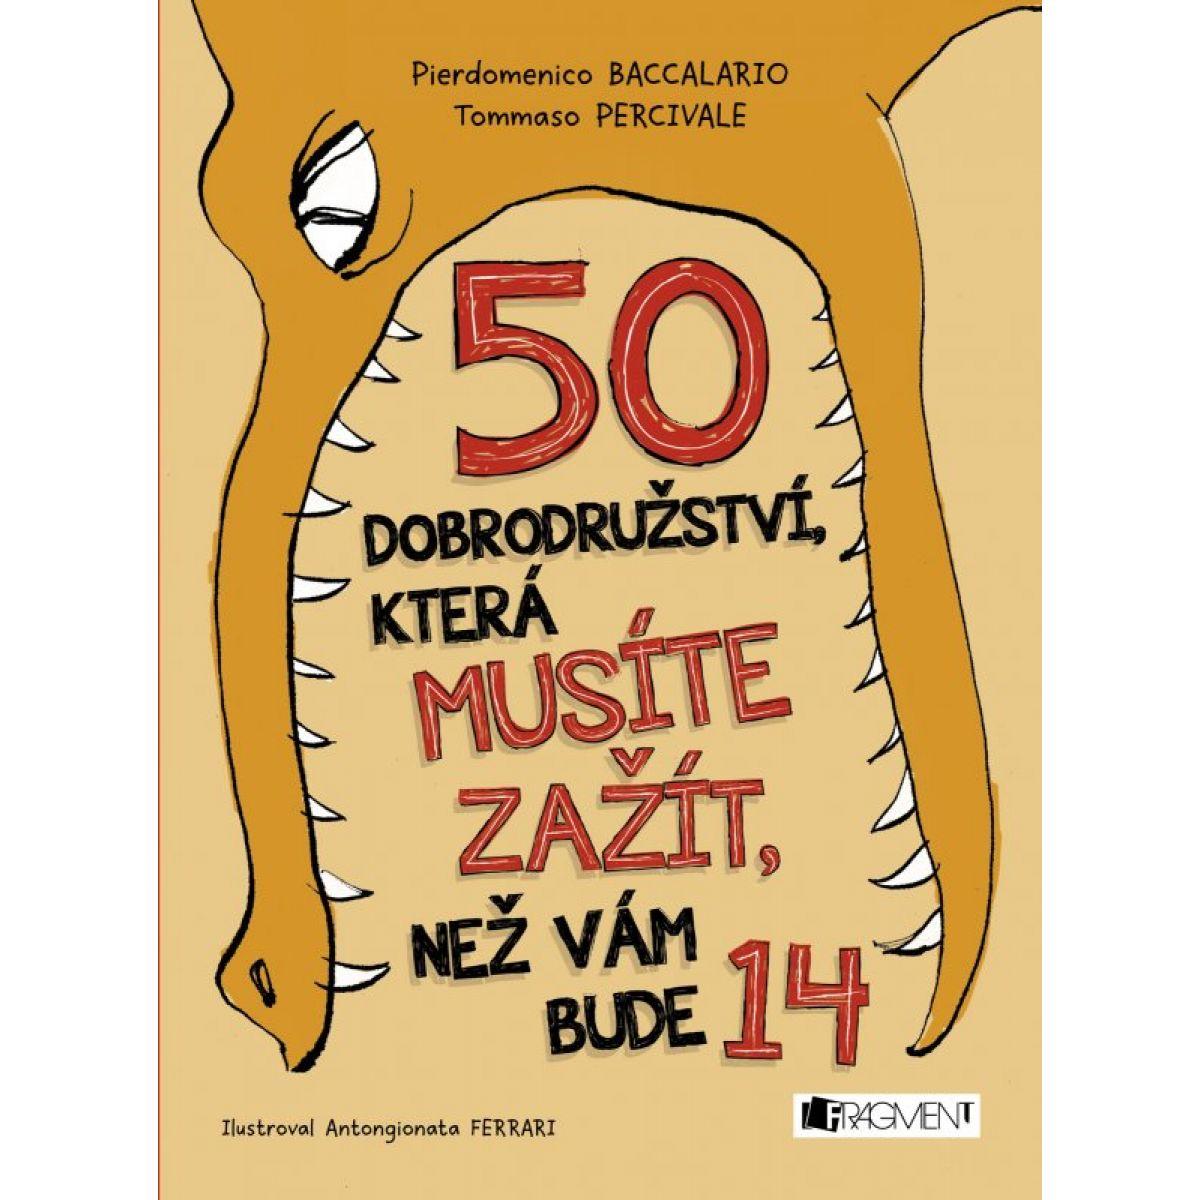 Albatros 50 dobrodružství, která musíte zažít, než vám bude 14